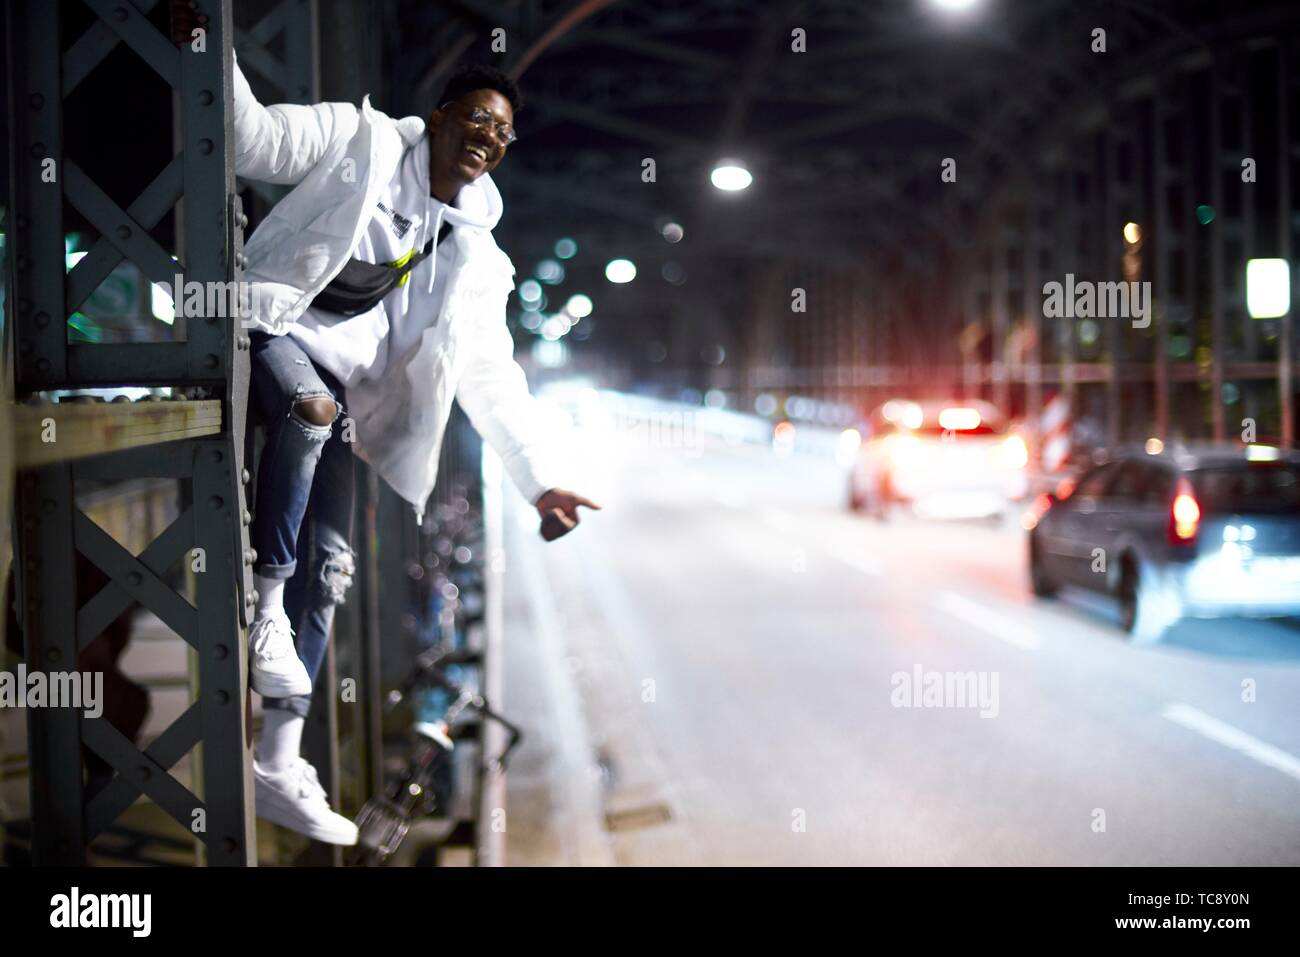 Jeune homme drôle fou d'essayer de faire du stop, suspendu à la construction métallique du pont, pont Hacker Hackerbrücke, la nuit dans la ville, à côté de rue, dans Banque D'Images